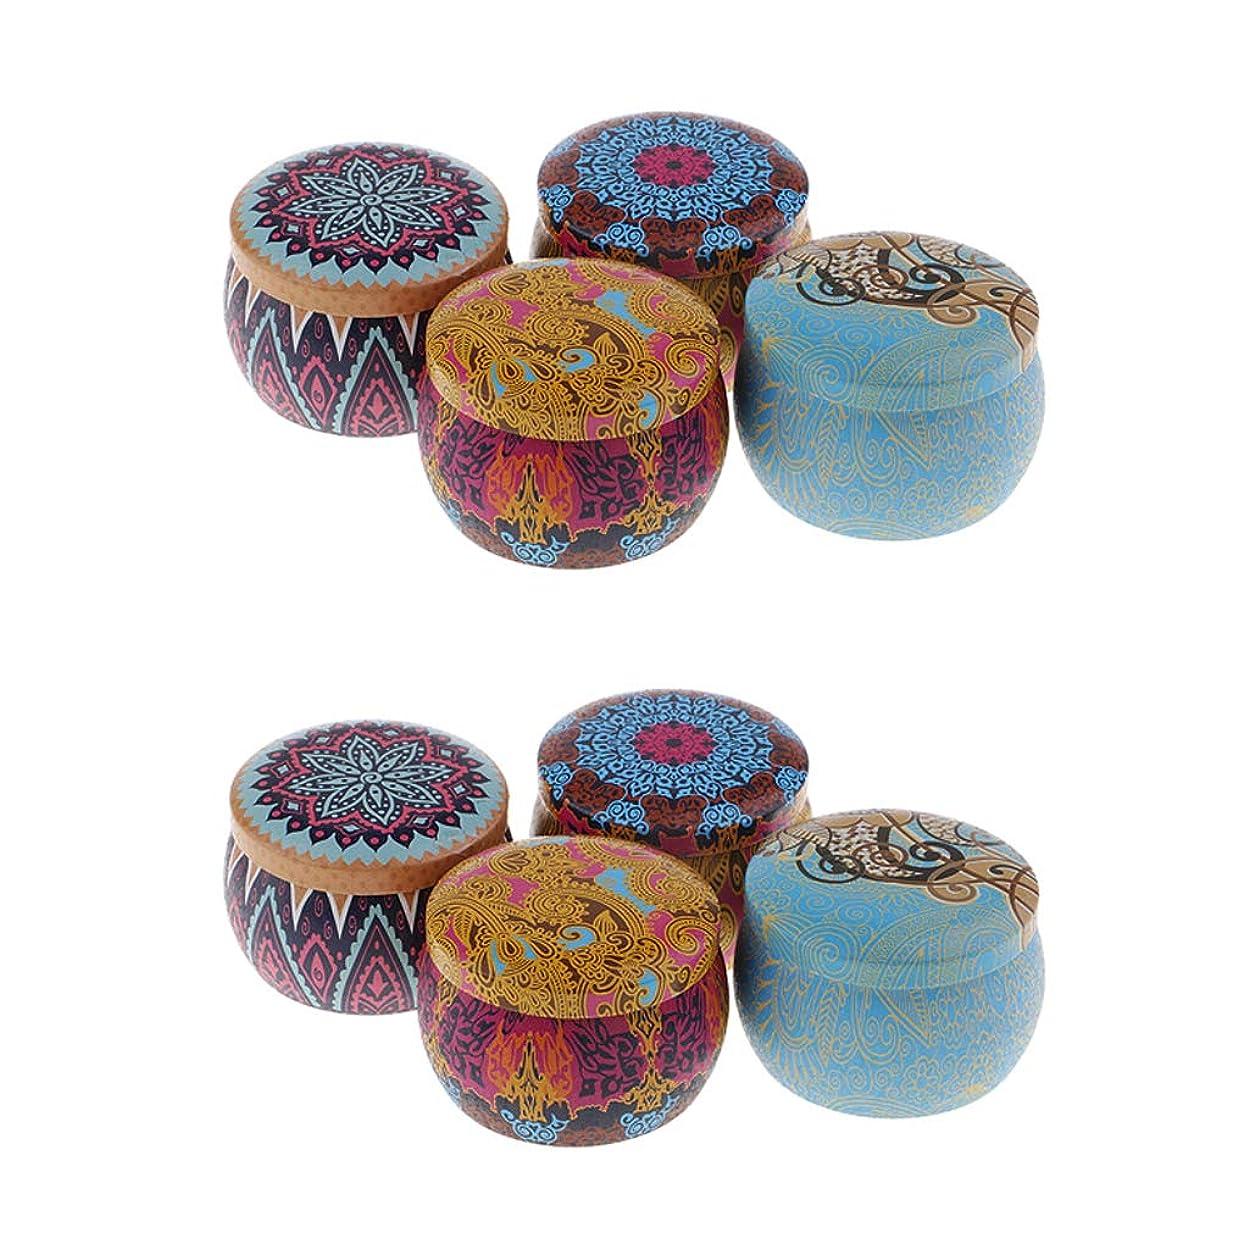 調停者頭感情B Blesiya キャンドル アロマ 缶 香りキャンドル 携帯用 家庭 オフィス 教会 8個セット